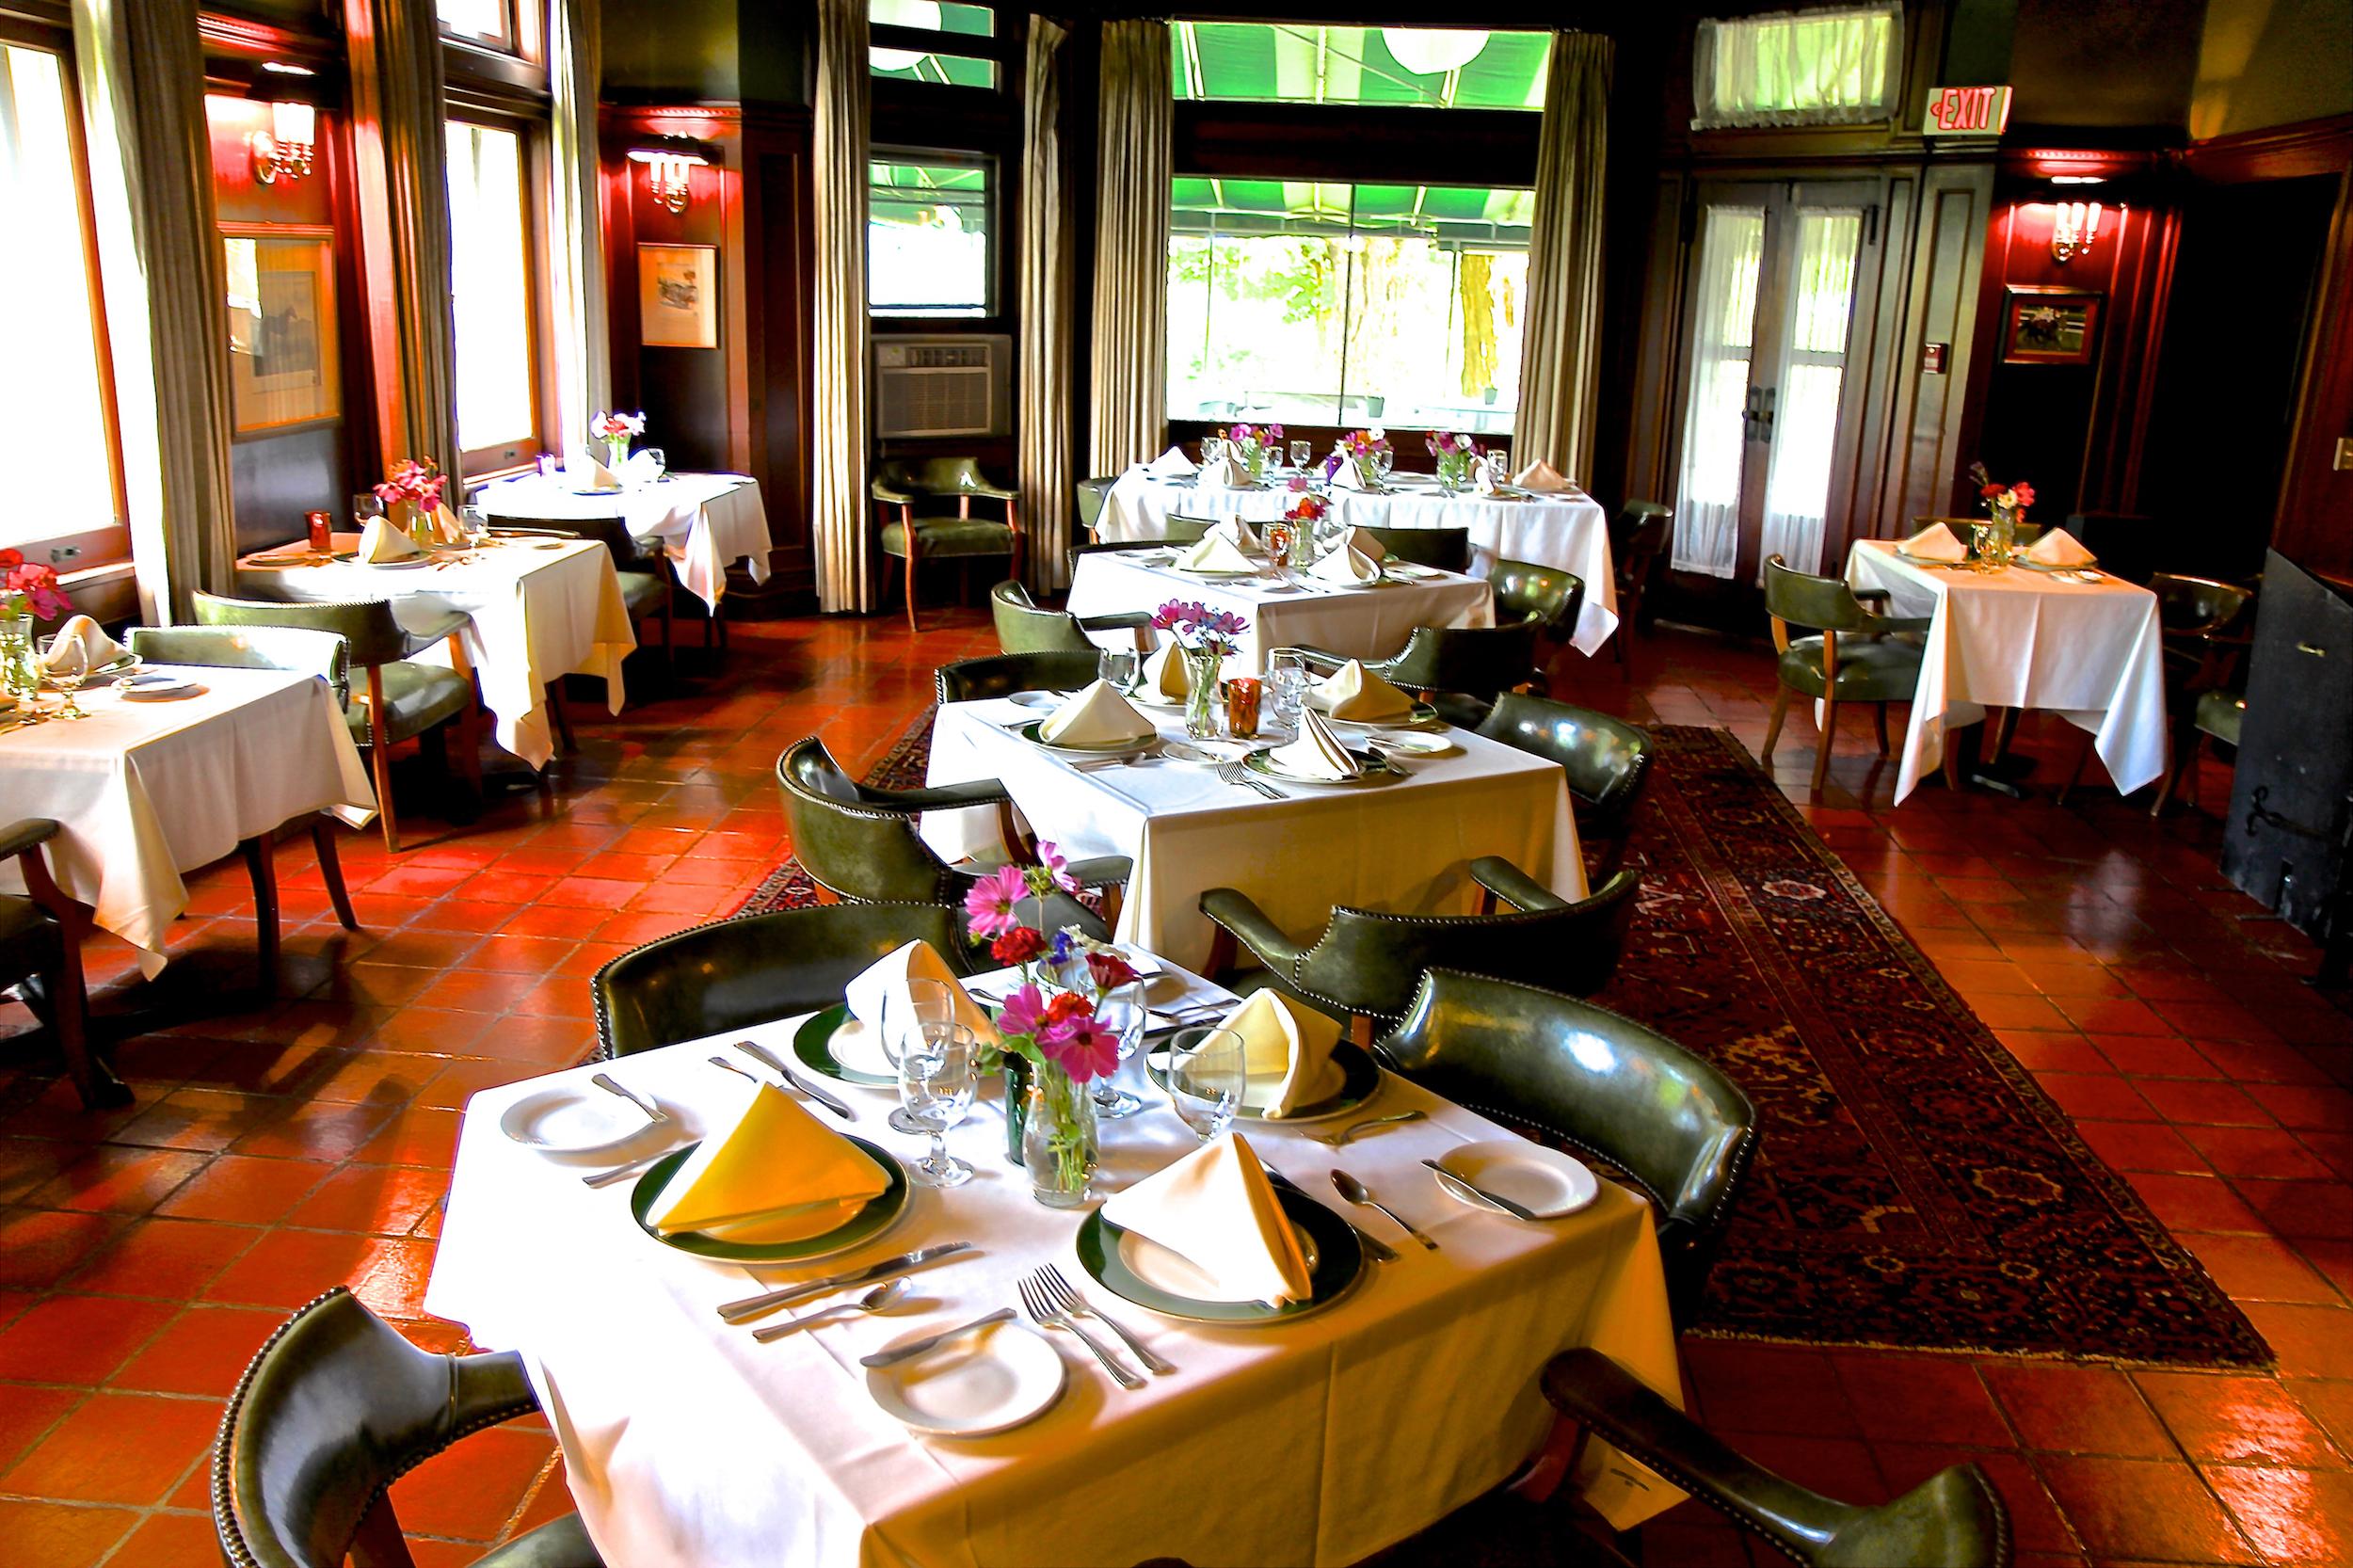 Dining_Billiard_Room_I_N.jpg